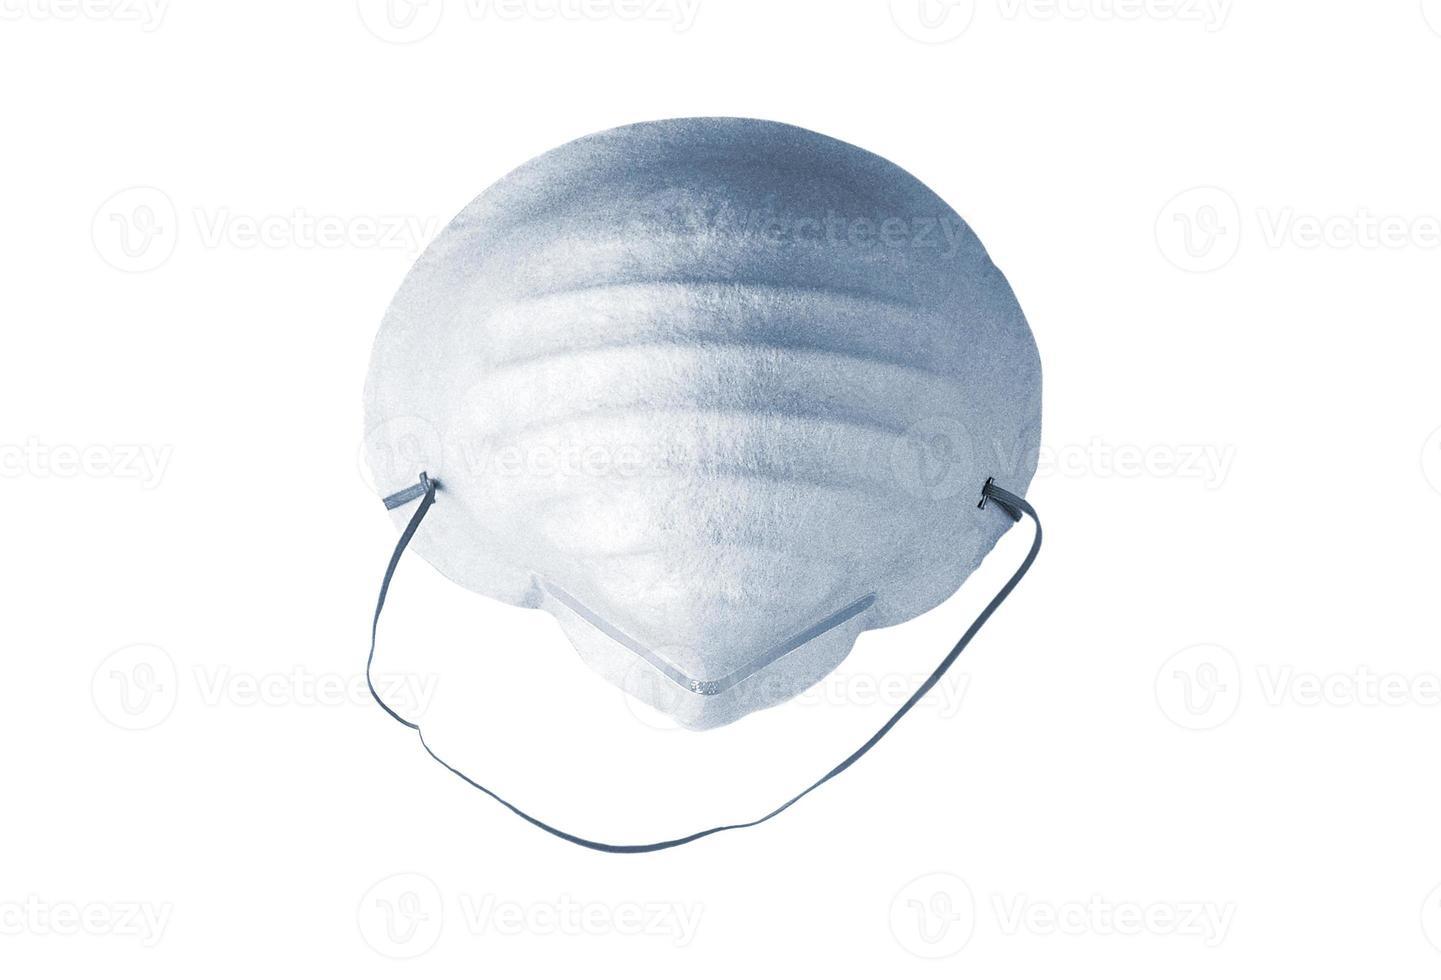 Mascarilla anti polvo para el cuidado de la salud aislado en blanco foto